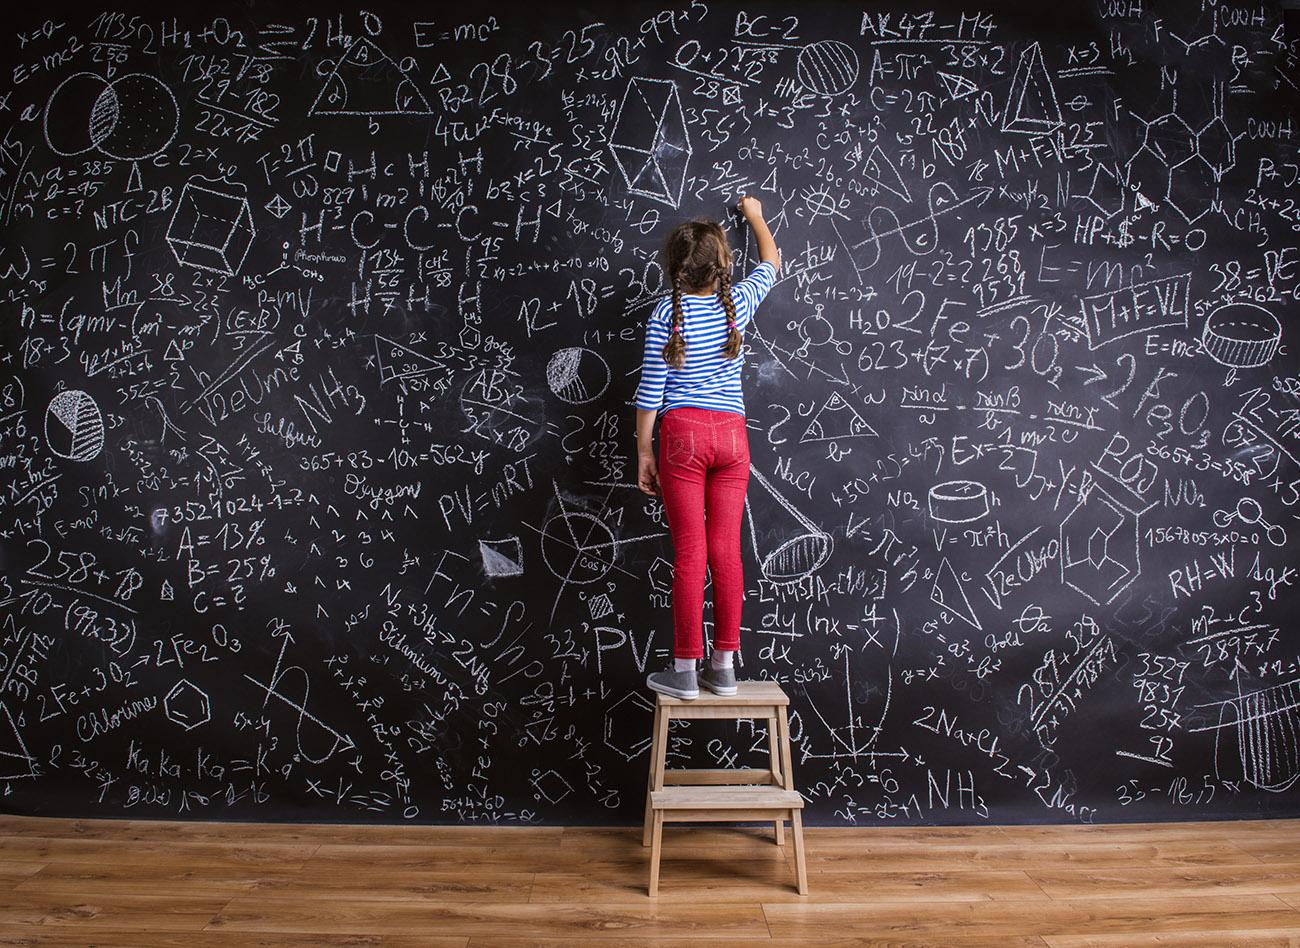 Gefährliche Lernlücken in Mathe, Chemie und Physik – Magazin SCHULE